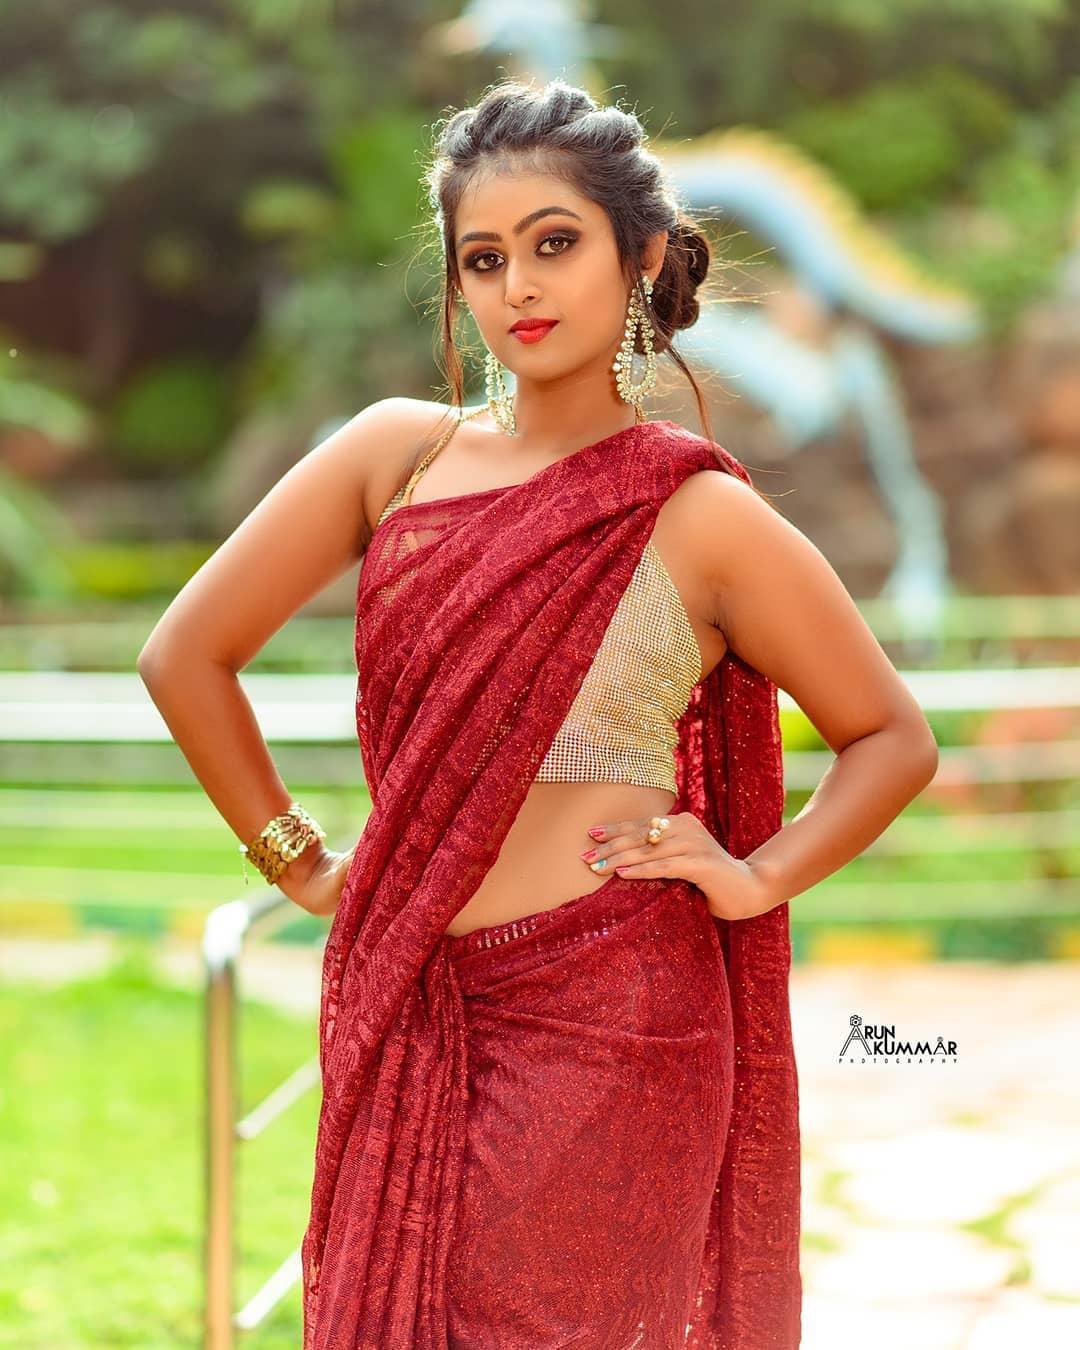 Kannada Model Sonu Surabhi Hot Photos In Red Saree - Actress Galaxy